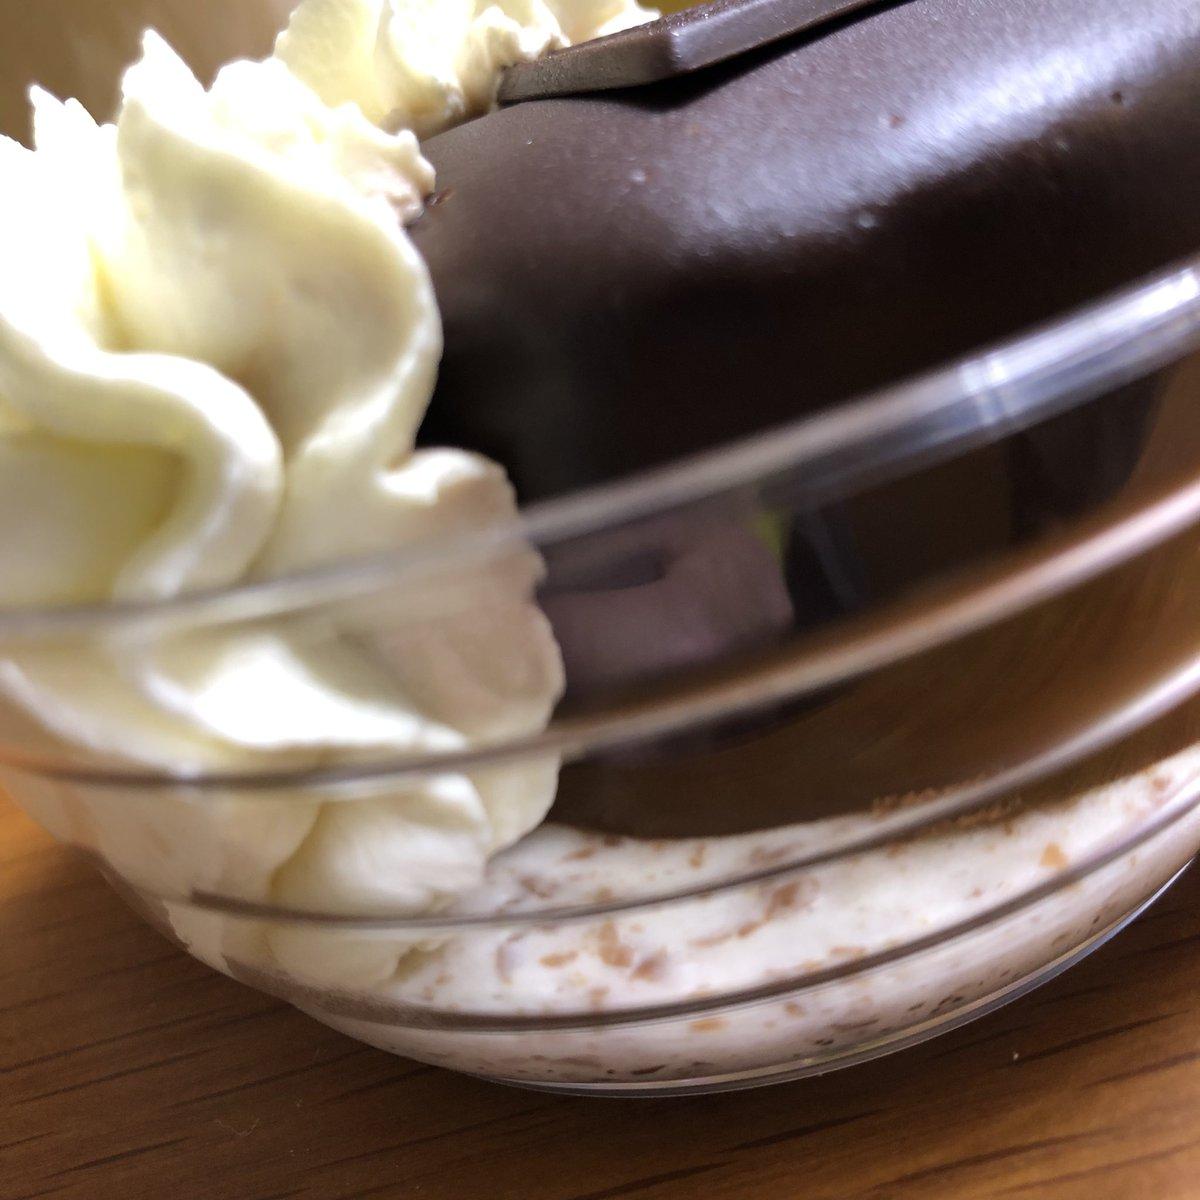 test ツイッターメディア - デメルのザッハトルテ買ってきてくれた。限定でホイップクリーム付き売ってたそうだ。  クリームと一緒に食べると最高に美味しい https://t.co/OvGA3W1qB4